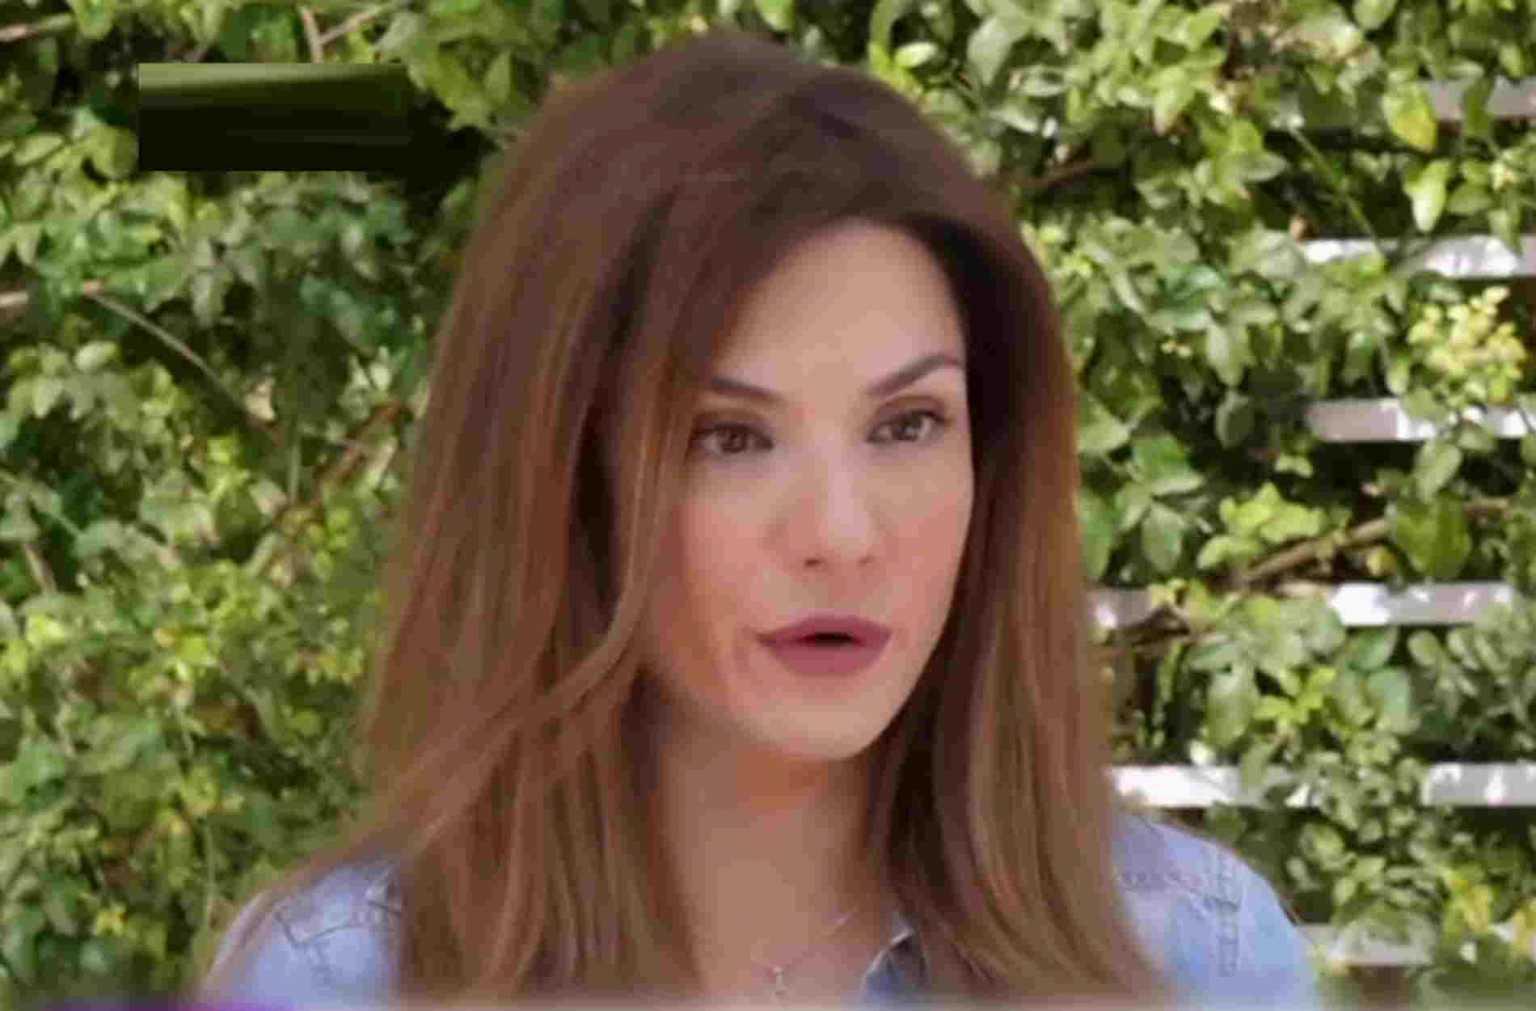 Βάσω Λασκαράκη: Το διαζύγιο από τον Γιάννη Τσιμιτσέλη και η βοήθεια των ψυχολόγων για το παιδί